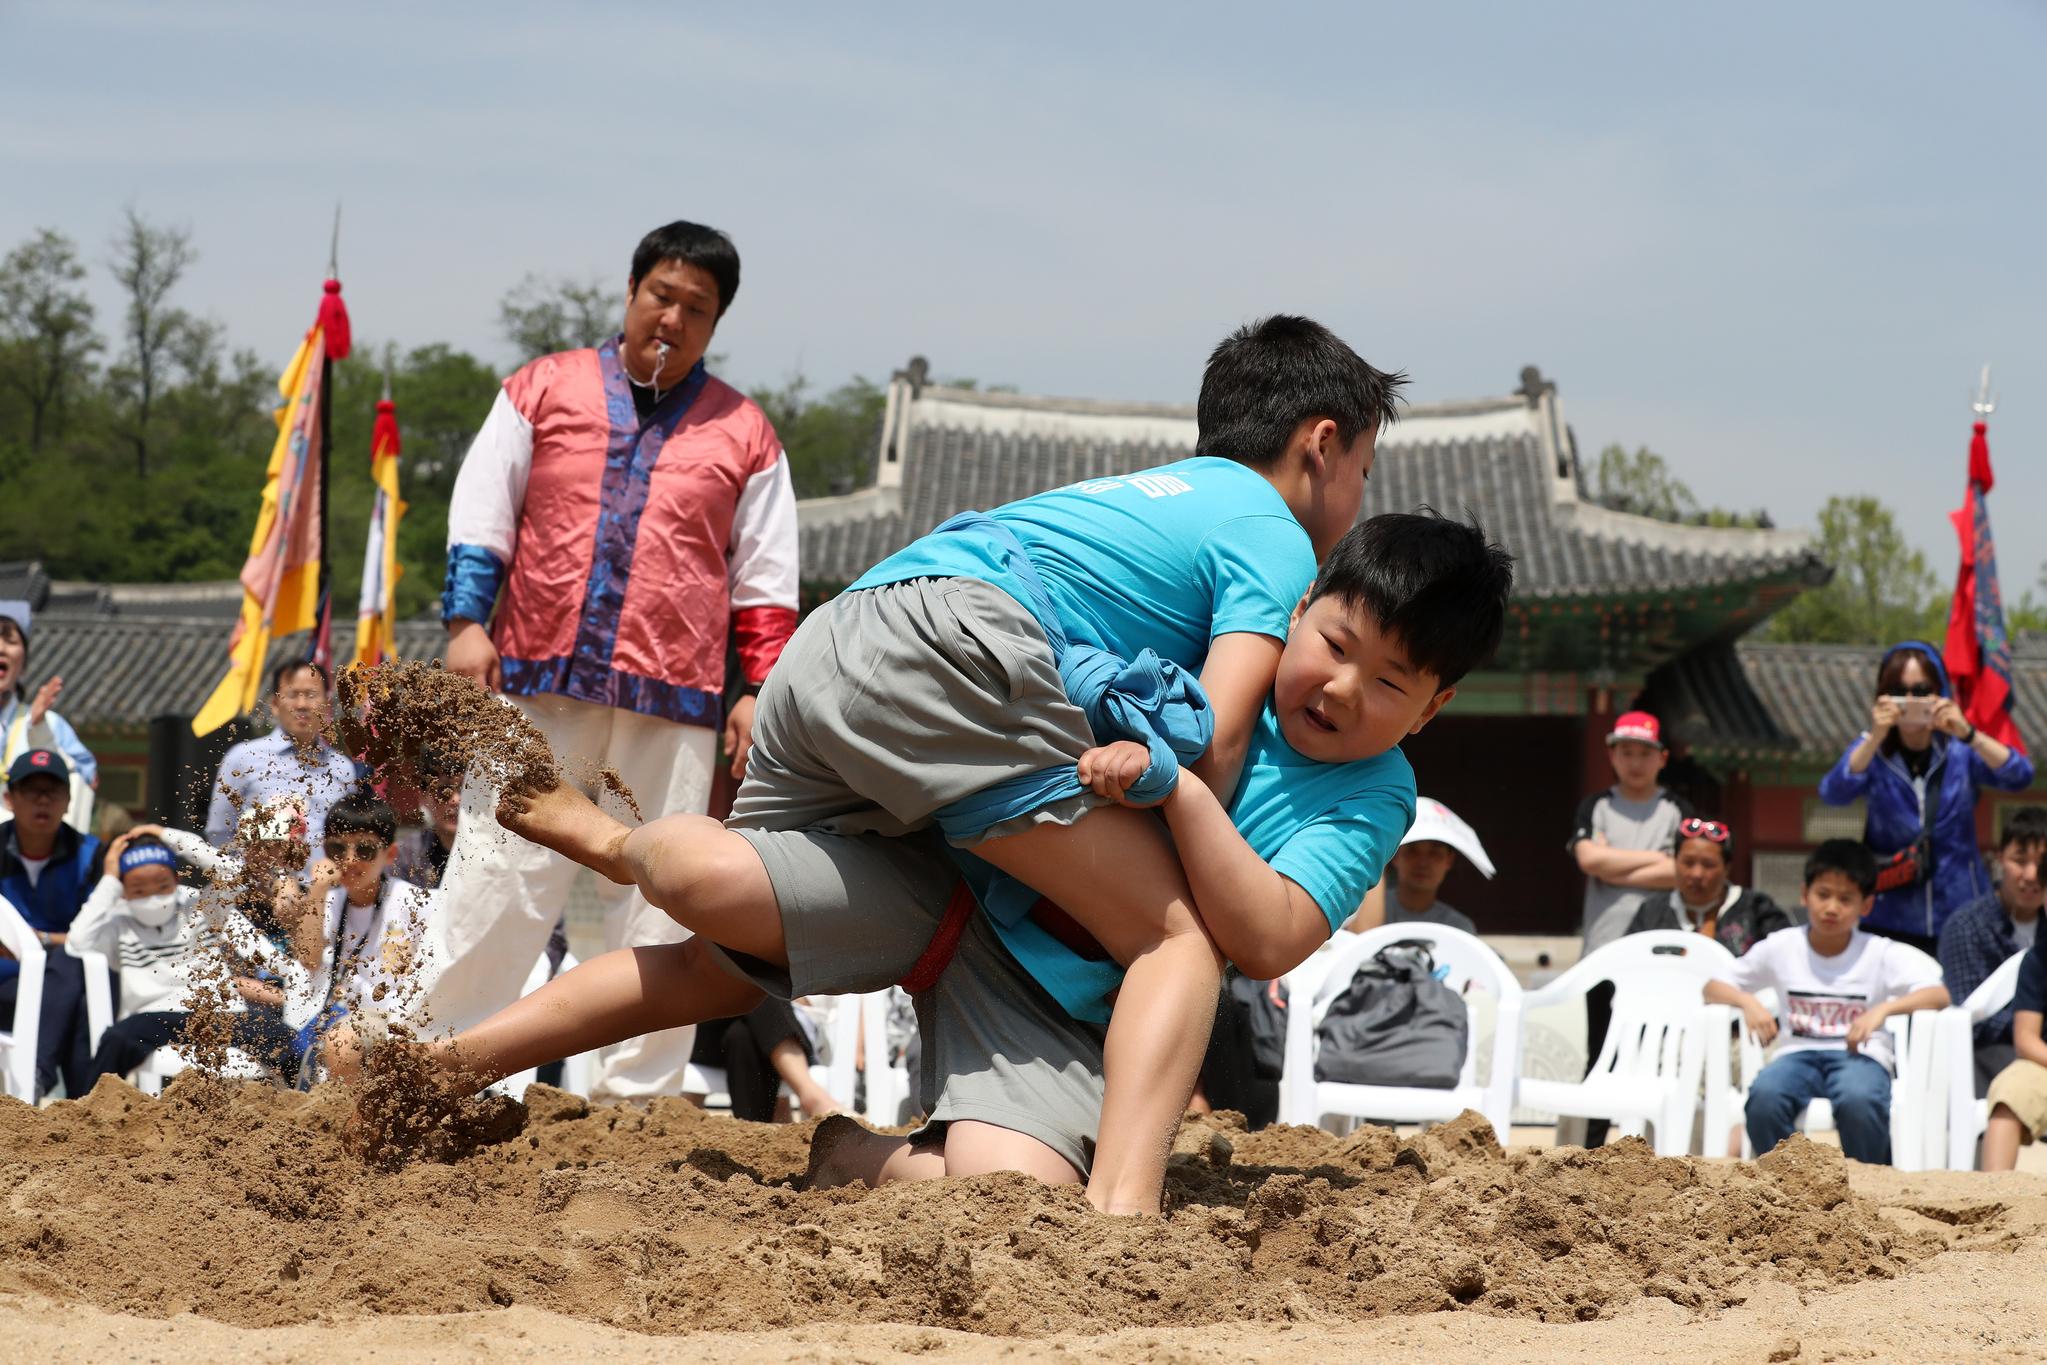 5일 서울 종로구 경희궁에서 열린 어린이 궁중문화축전에서 어린이 씨름대회에 참가한 어린이들이 씨름을 하고 있다. [뉴스1]